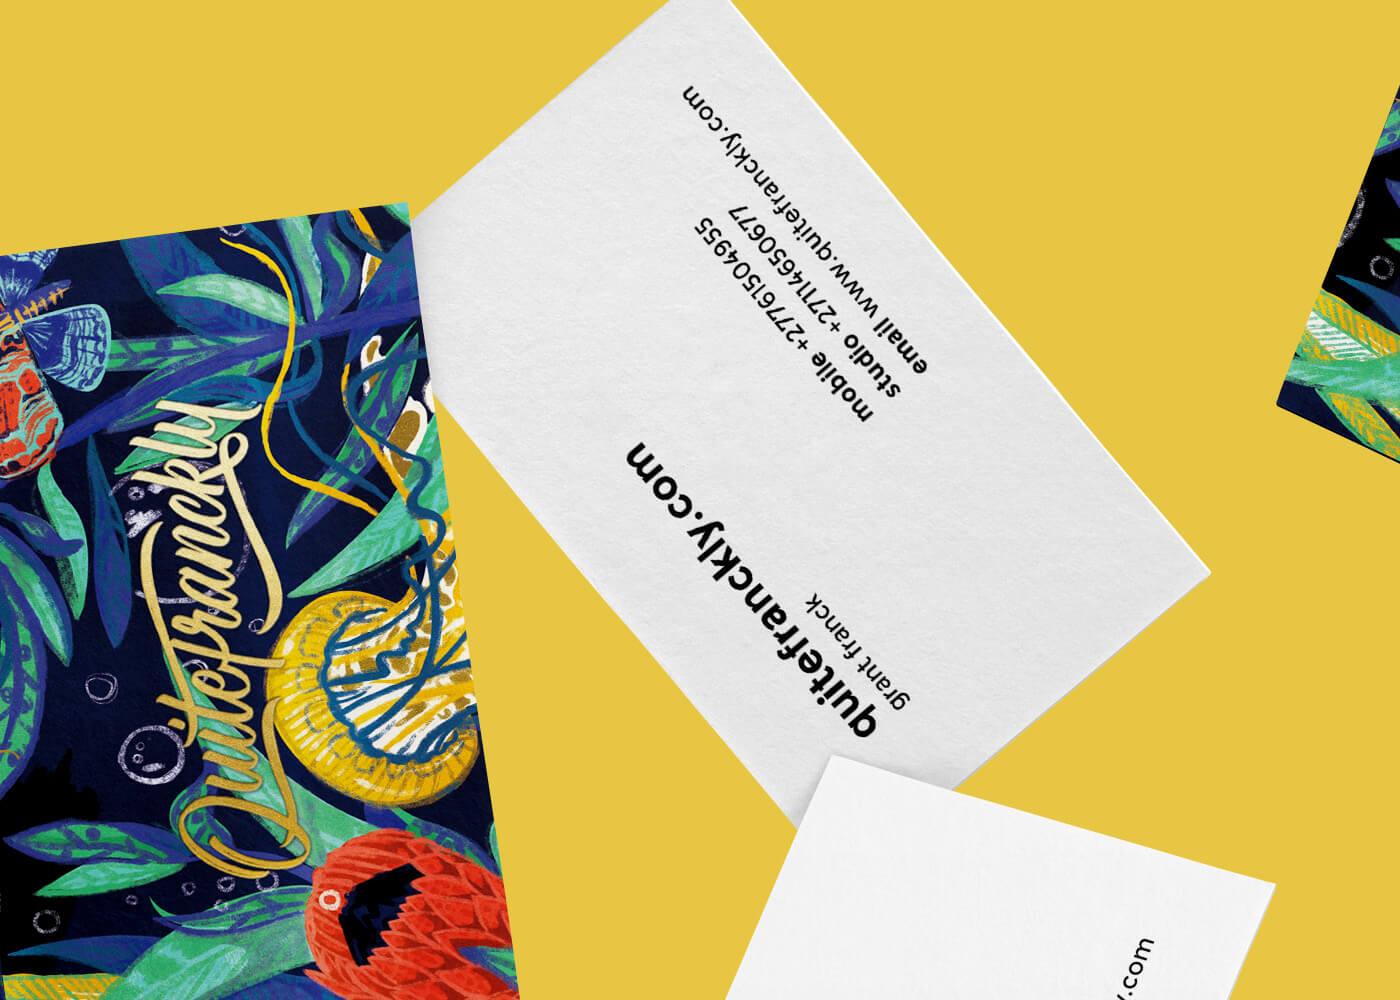 aurora creative studio graphic design illustration cape town portfolio branding quite franckly